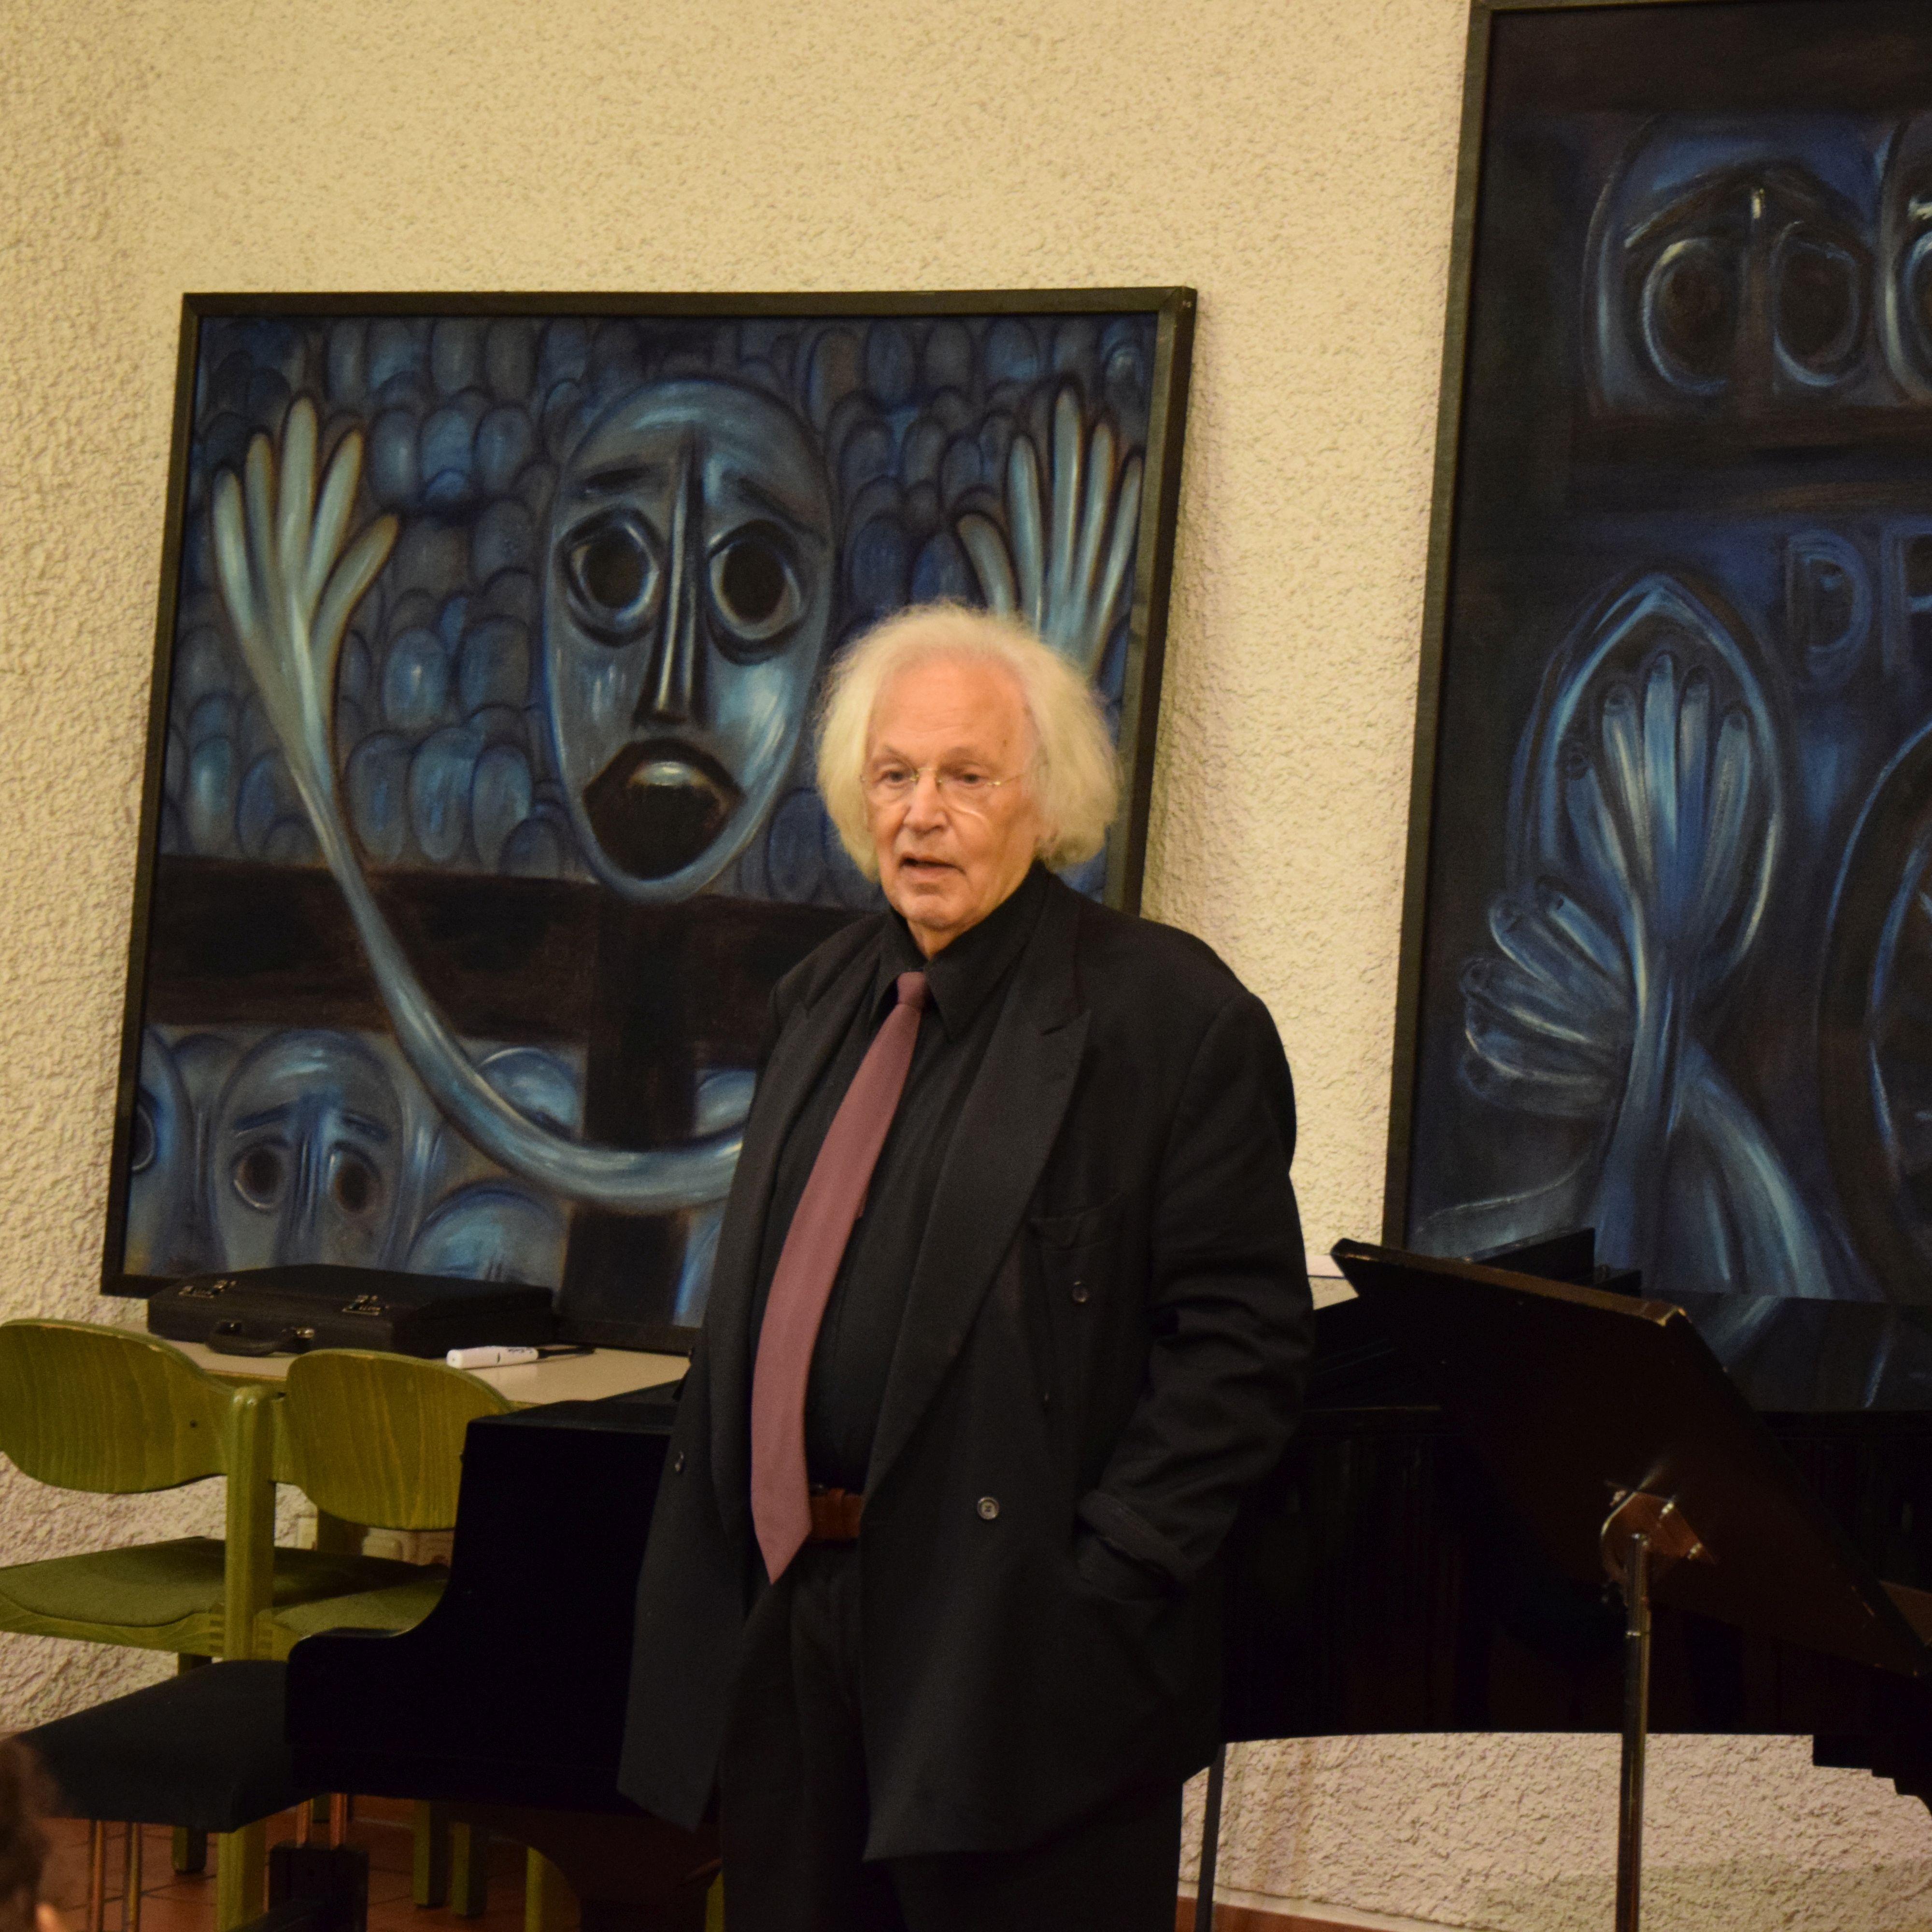 Gedenkveranstaltung in Bad Lippspringe Erinnerungen an Walter Liggesmeyer